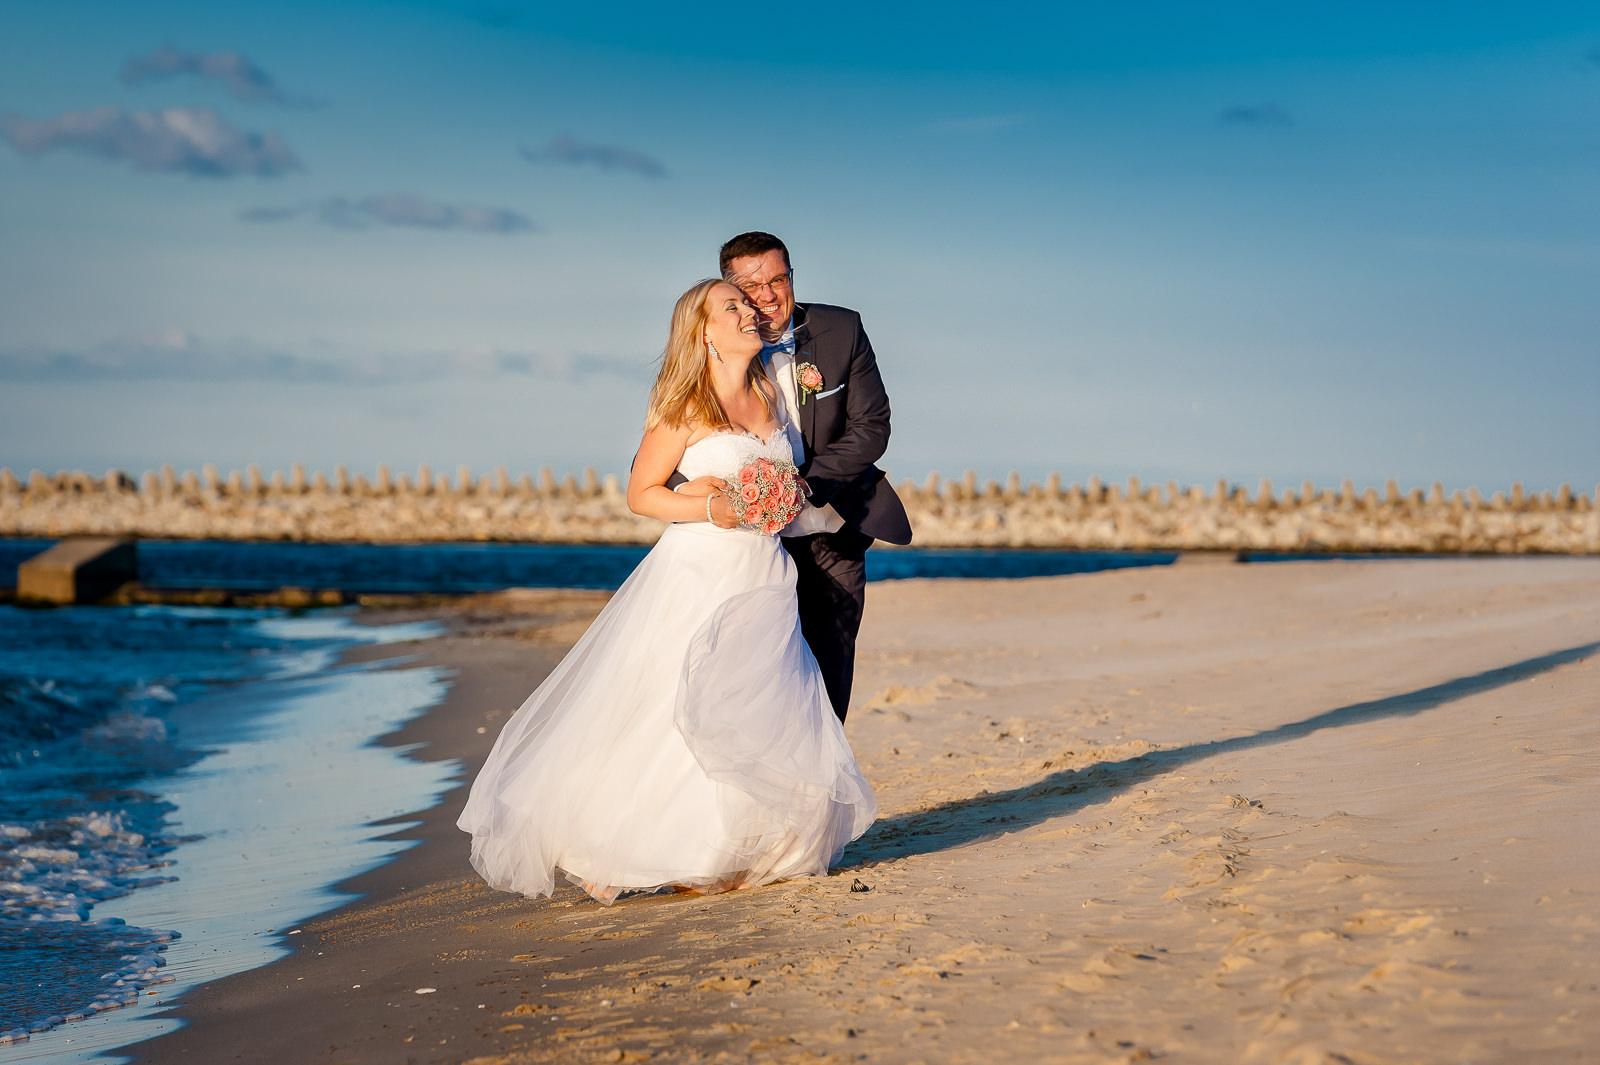 Plaża w Górkach Zachodnich idealnie nadaje się na plener ślubny nad morzem o zachodzie słońca